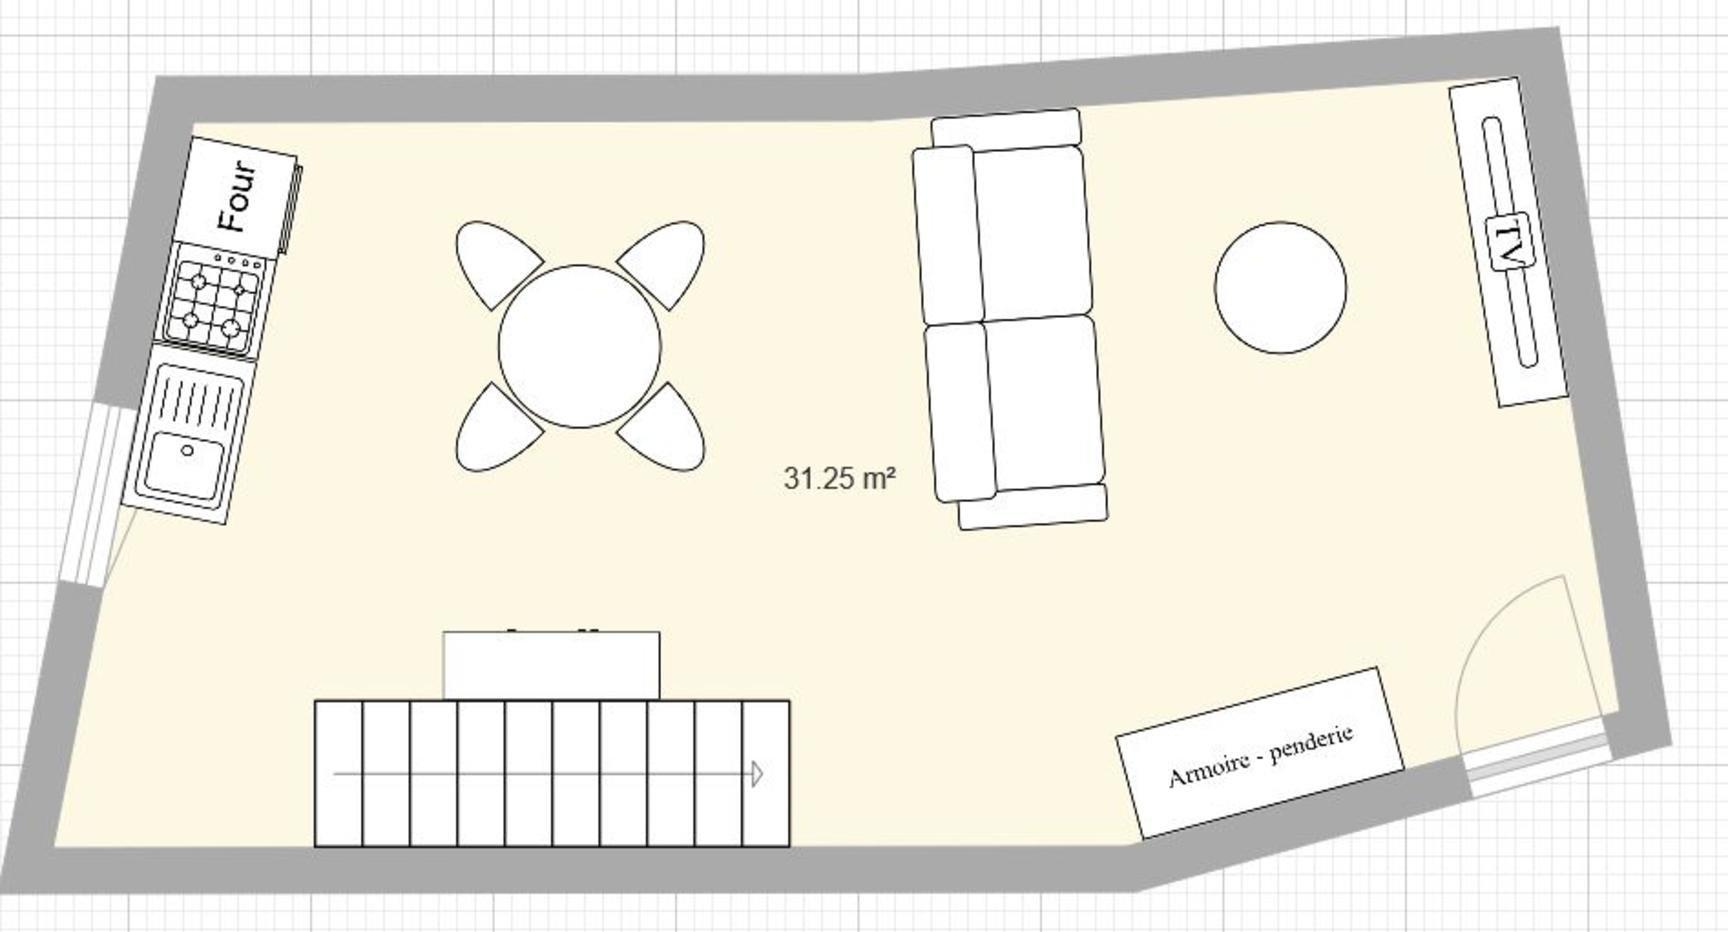 Lot de 3 plateaux pour créer 1 T3 duplex et 2 T2